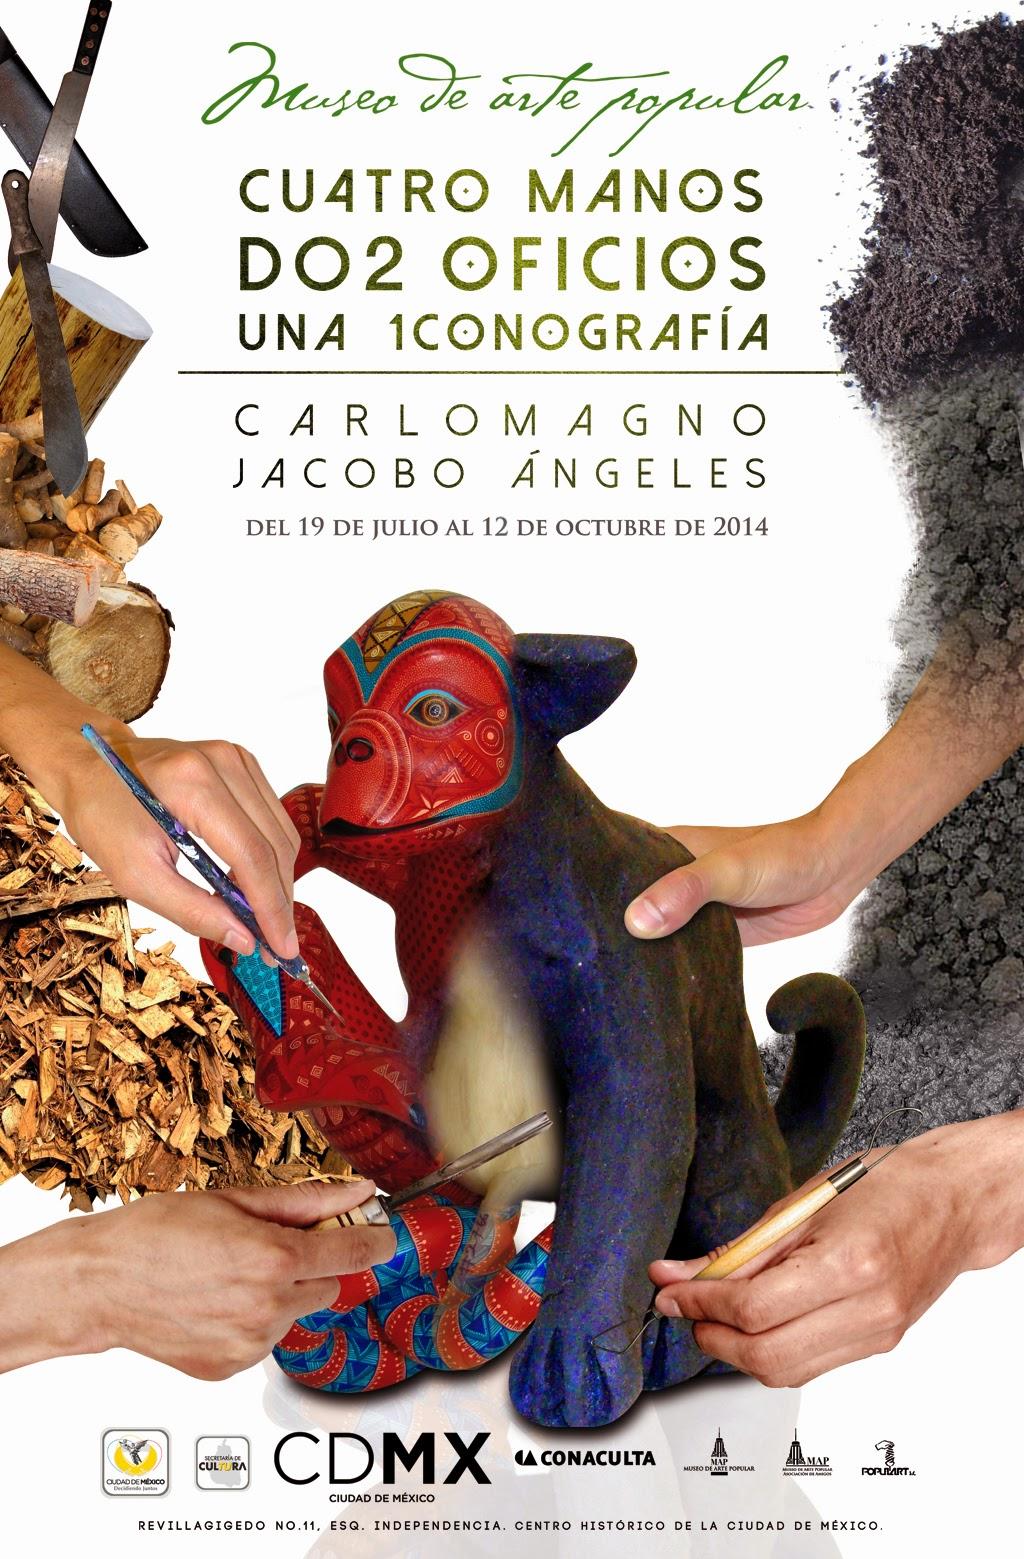 Artesanos oaxaqueños presentan su obra en el Museo de Arte Popular